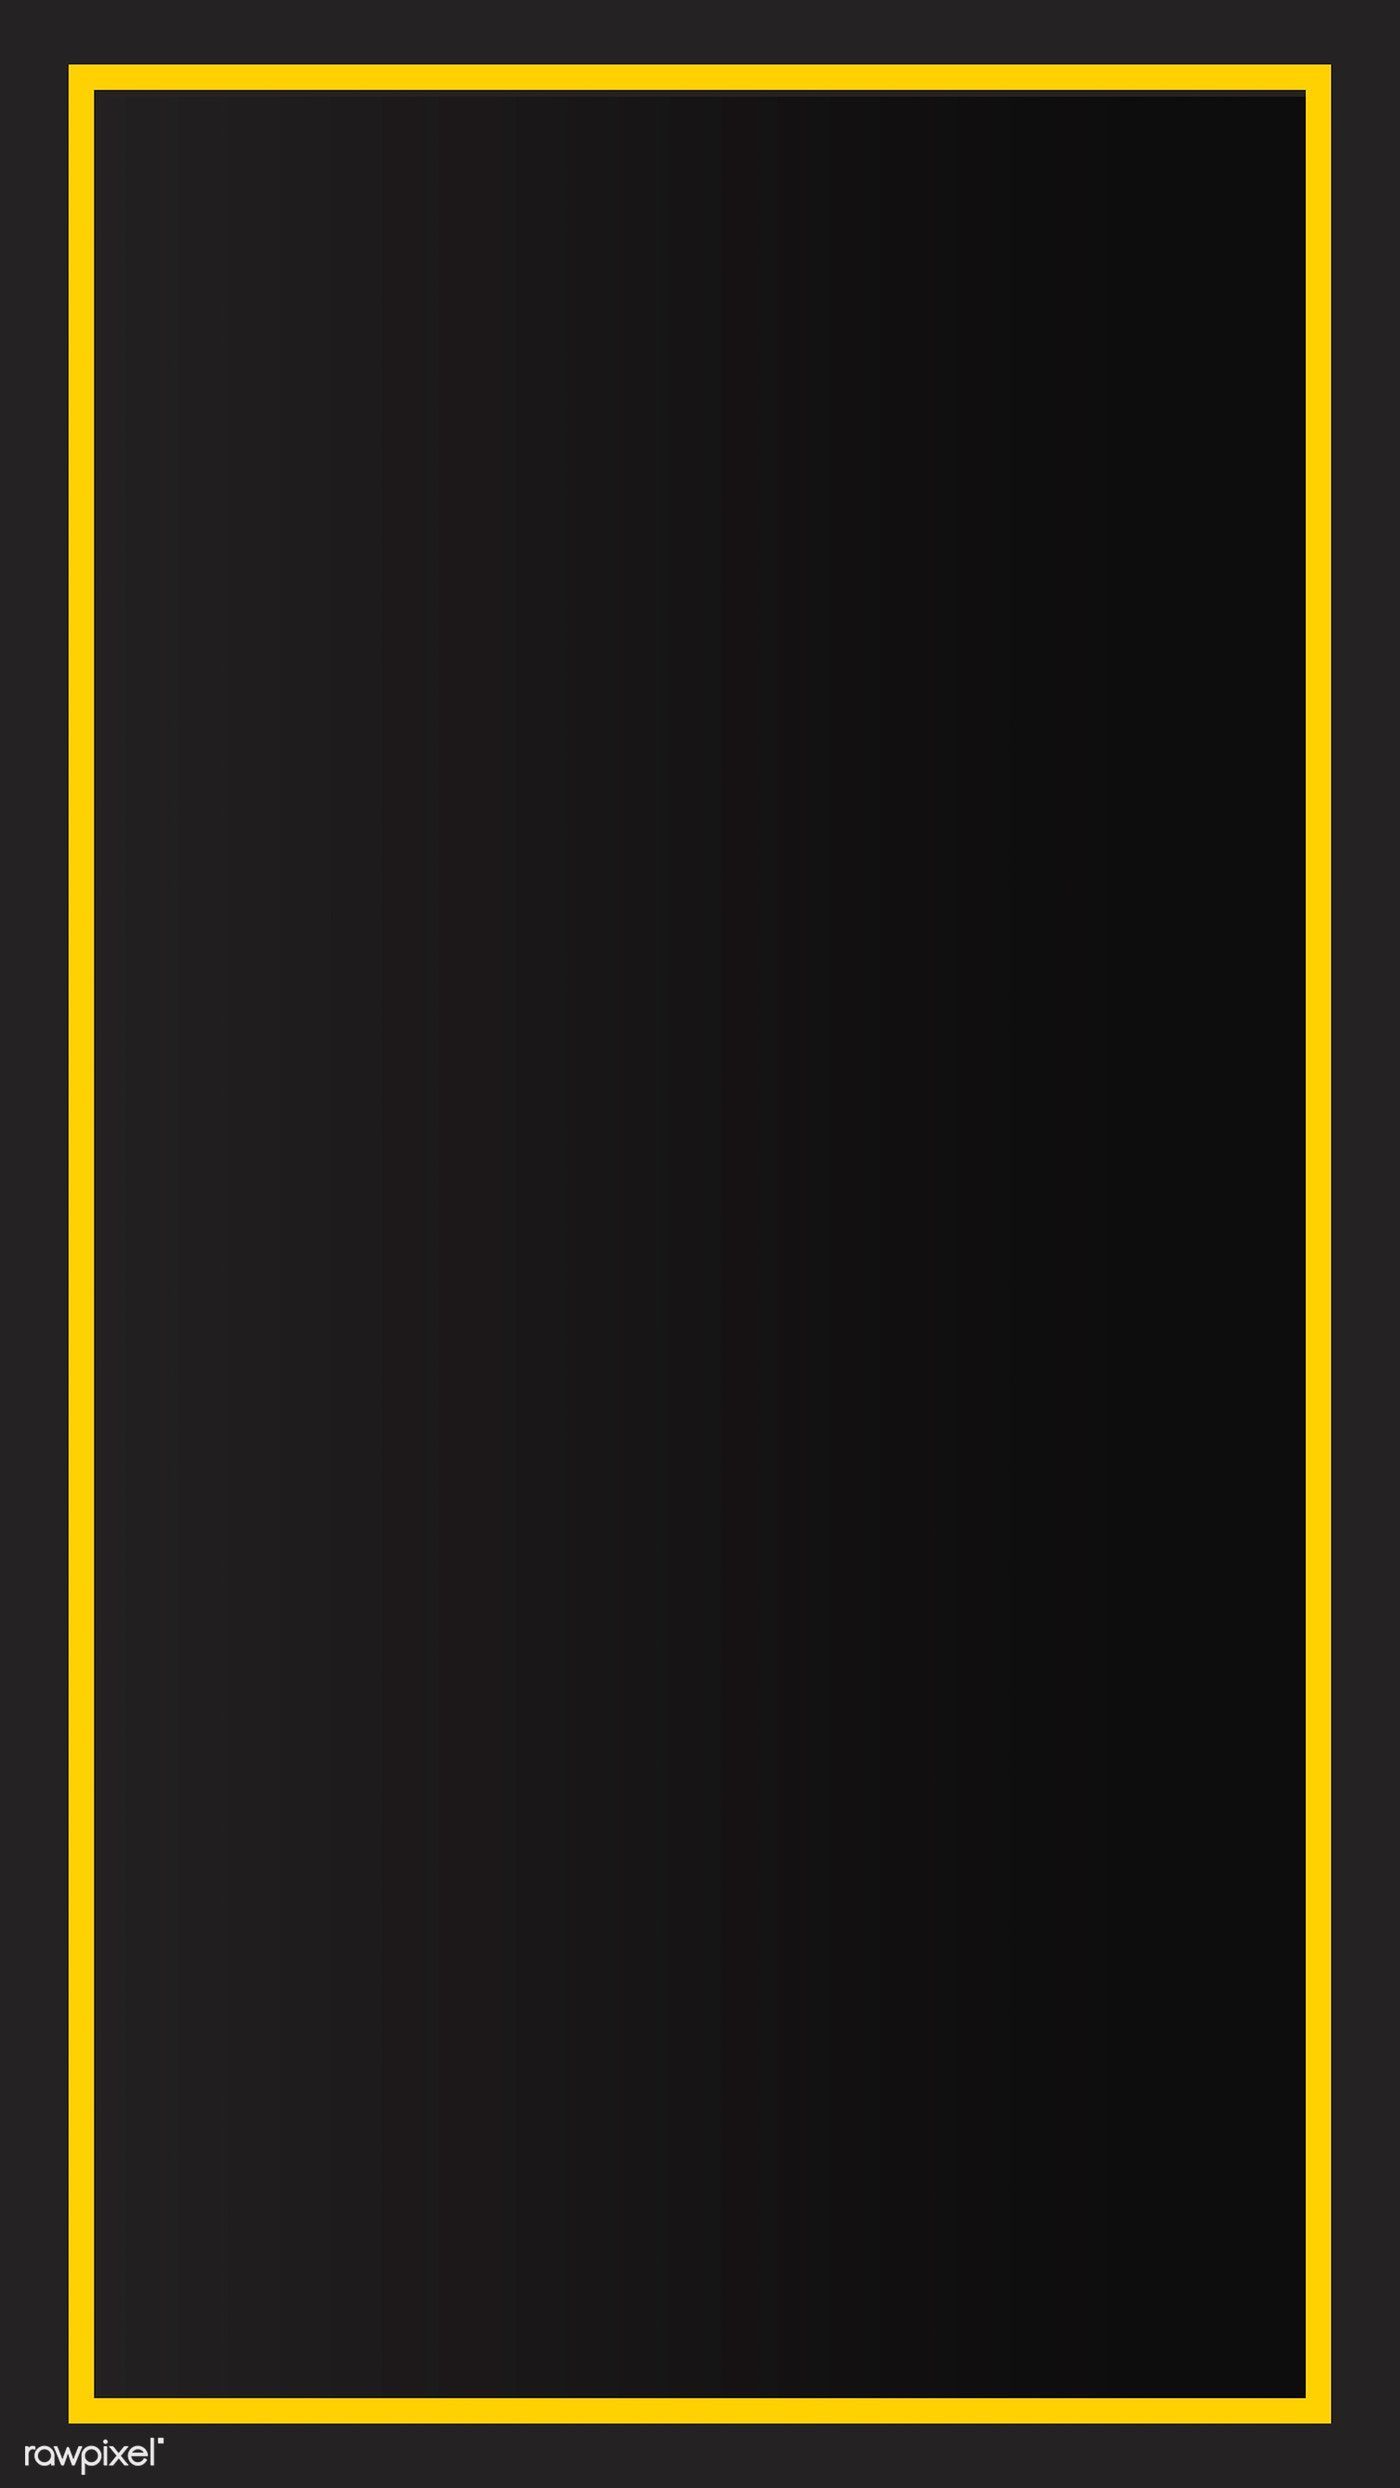 Yellow Border Black Mobile Phone Wallpaper Vector Premium Image By Rawpixel Com B Cute Mobile Wallpapers Iphone Wallpaper Yellow Black Background Wallpaper